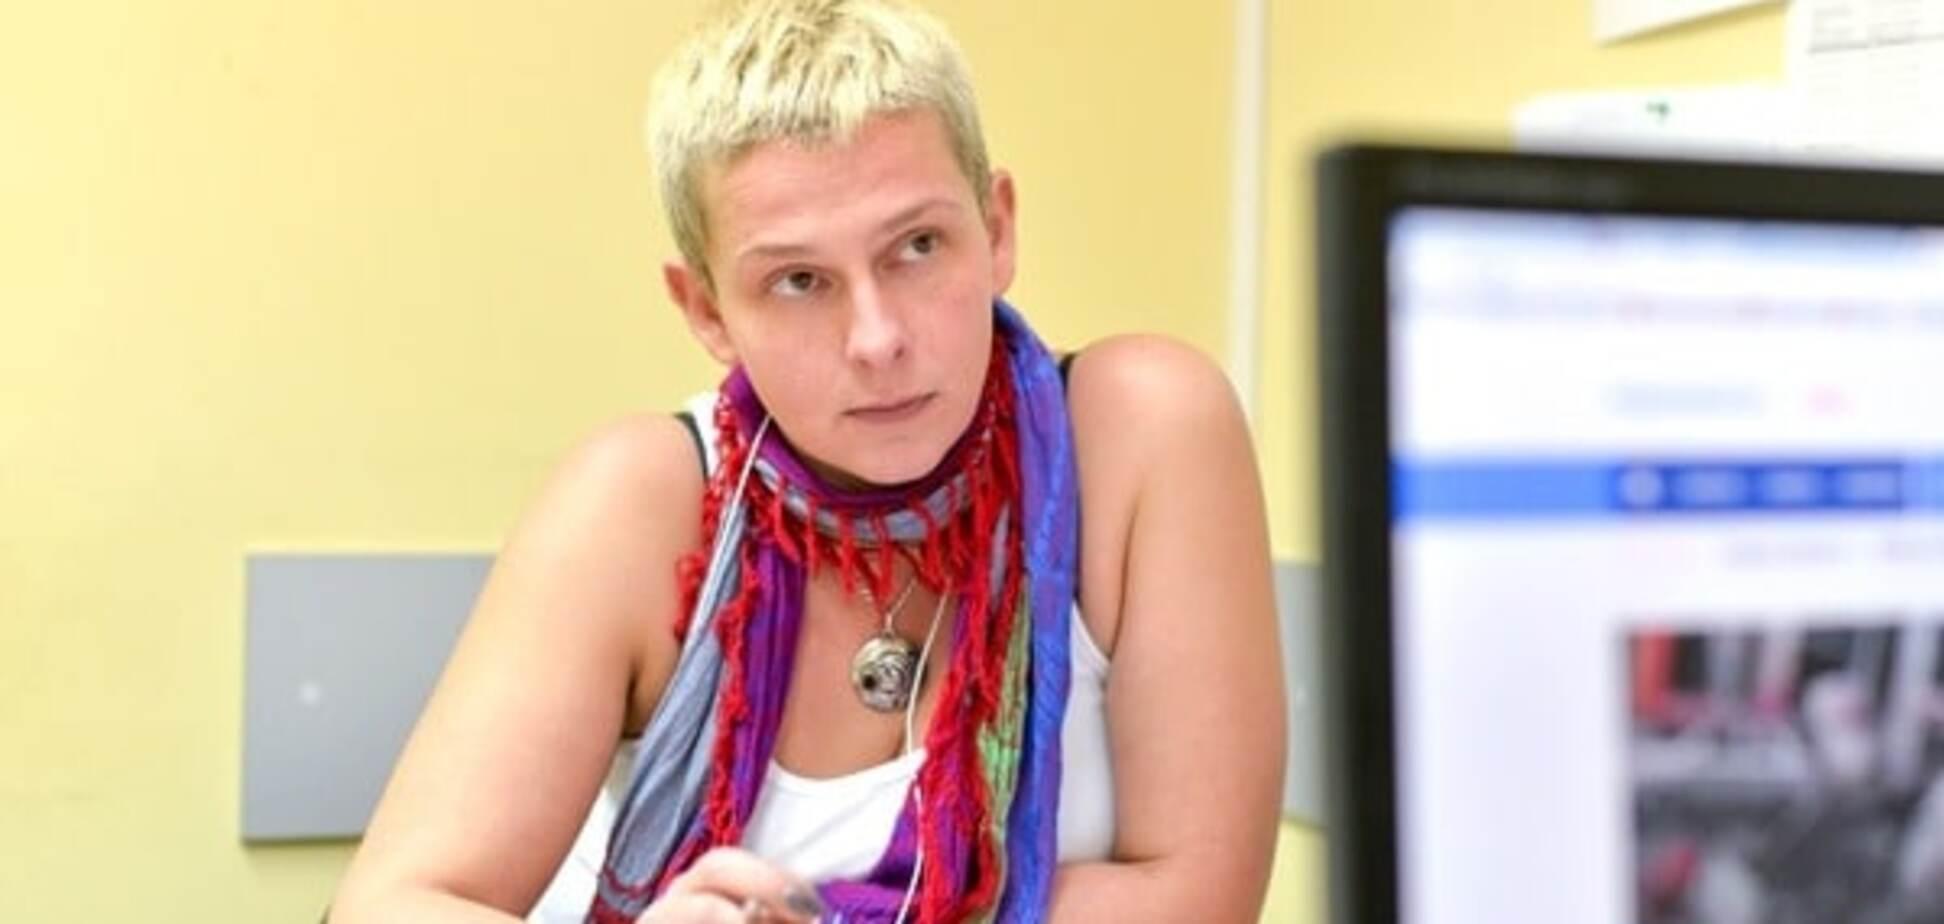 Российская журналистка Столярова заявила, что покинула Украину из-за угроз